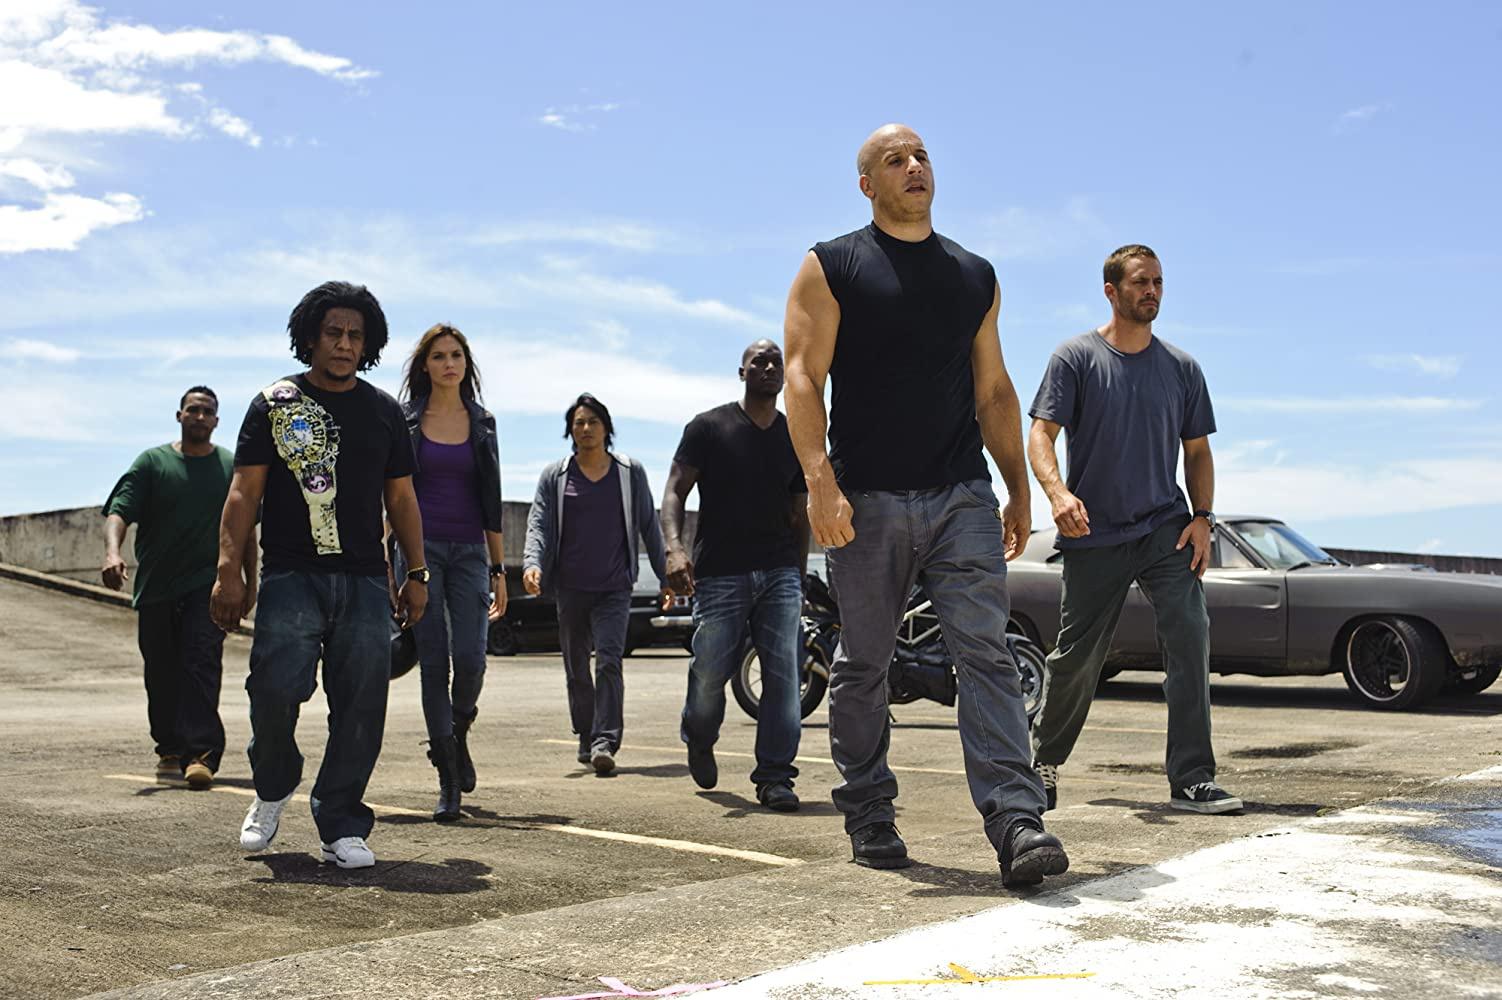 """Vụ cướp xe tù trong Fast Five (2011): Bộ phim mở ra bằng cảnh Dom đang bị chuyển đi bằng xe tù, còn """"gia đình"""" của anh thì chuẩn bị thực hiện vụ cướp tù. Mia (Jordana Brewster), em gái của Dom, chặn chiếc xe tù bằng cách vượt lên và đột ngột bẻ lái, khiến chiếc xe phải chuyển hướng. Trong khi đó, Brian (Paul Walker) đón lõng và đạp phanh, khiến chiếc xe tù văng khỏi đường cao tốc."""